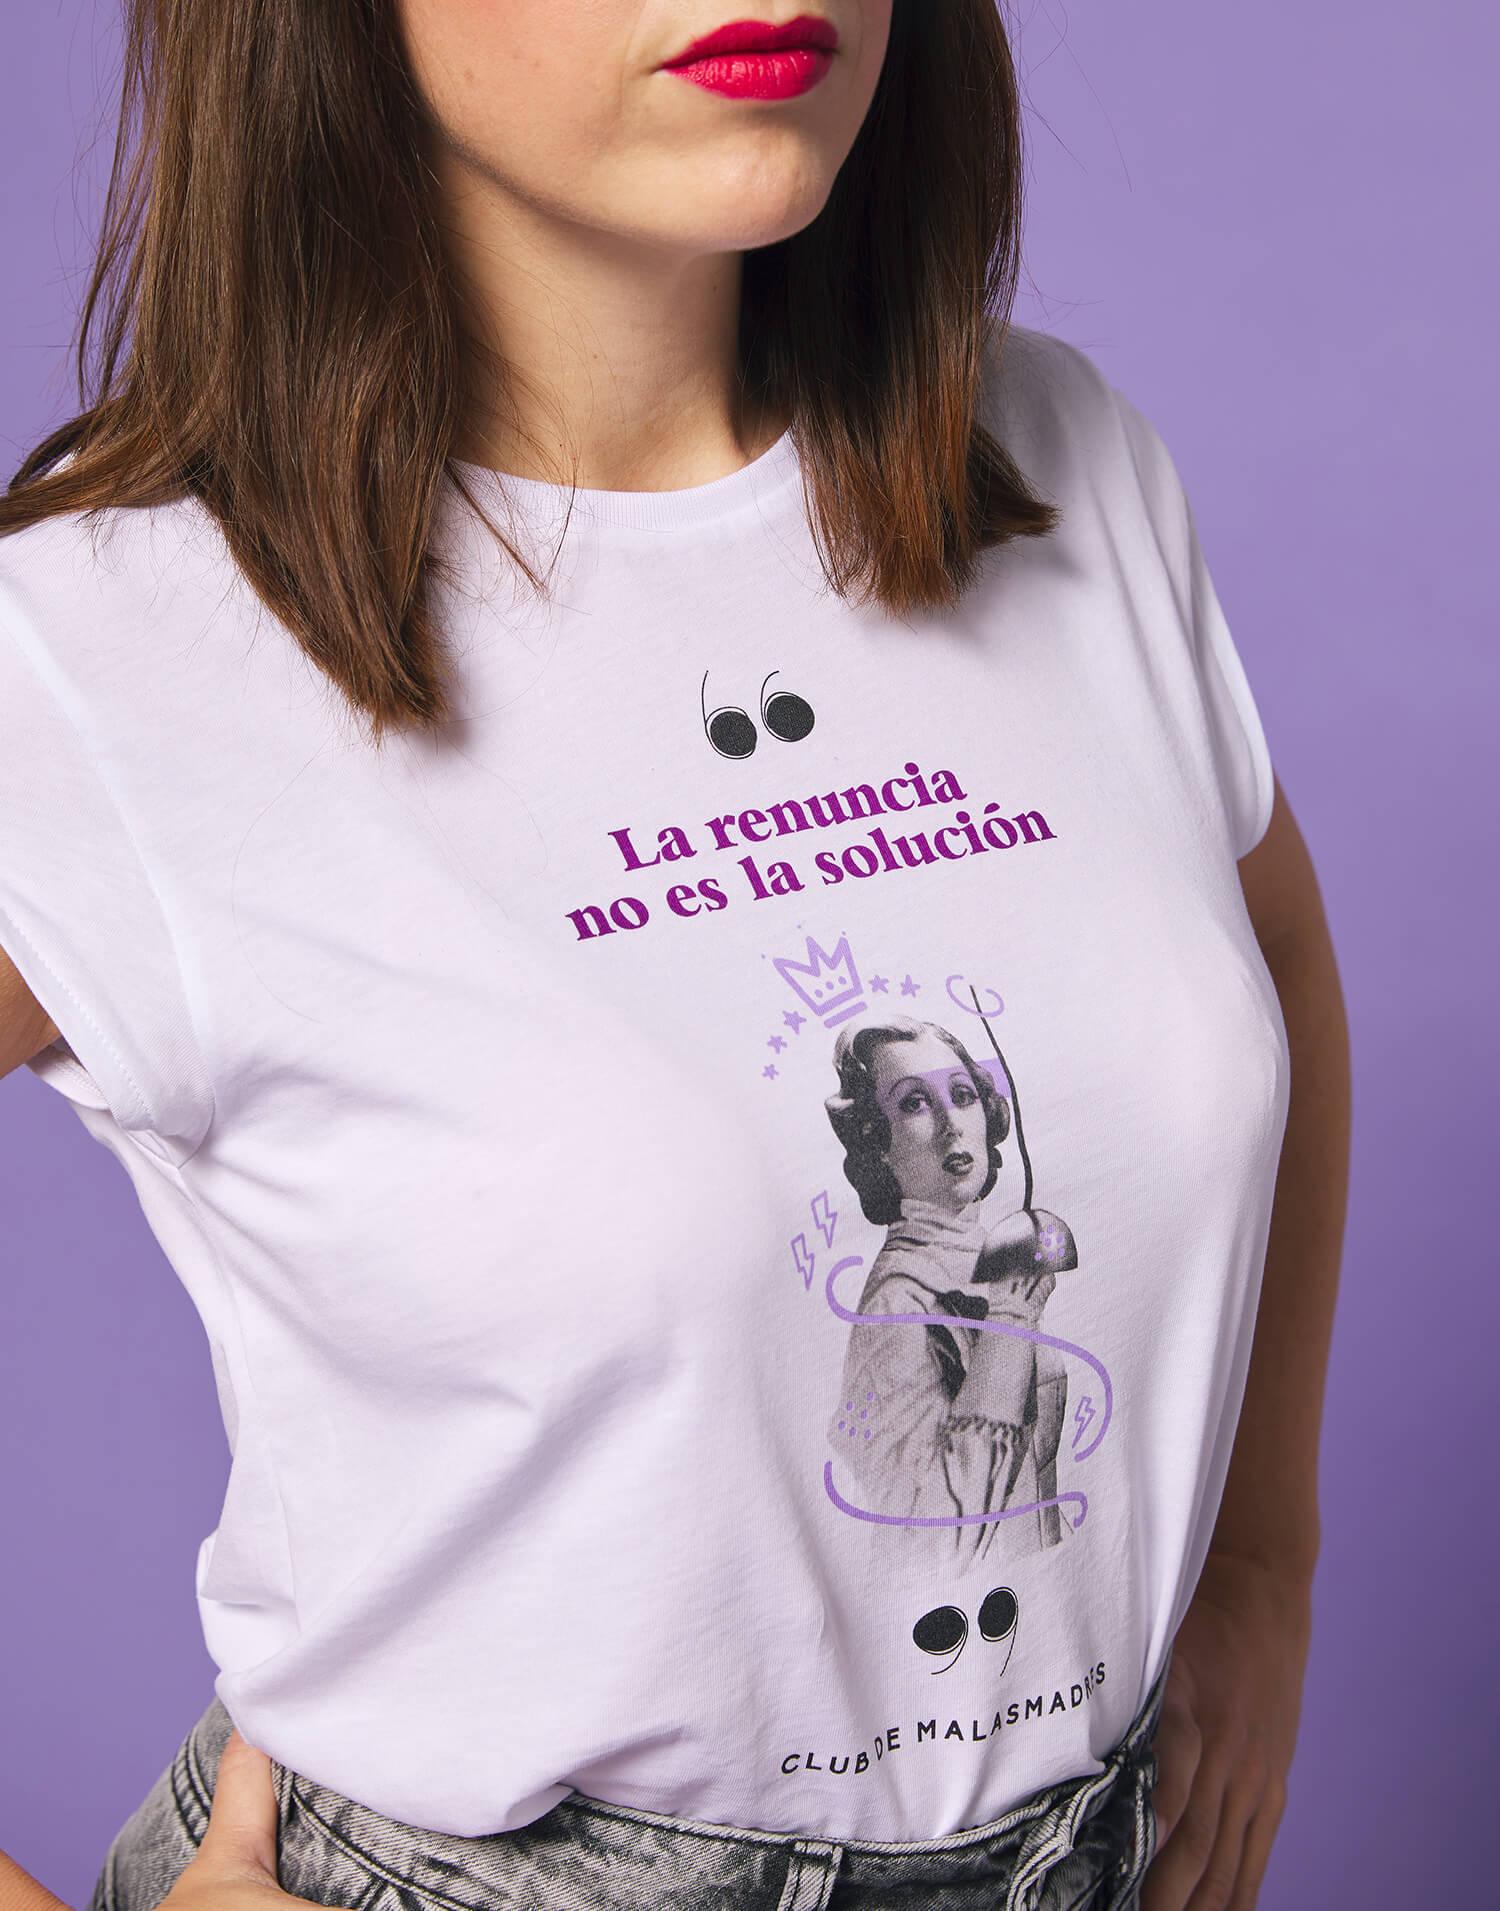 Camiseta 'Renunciar no es la solución'